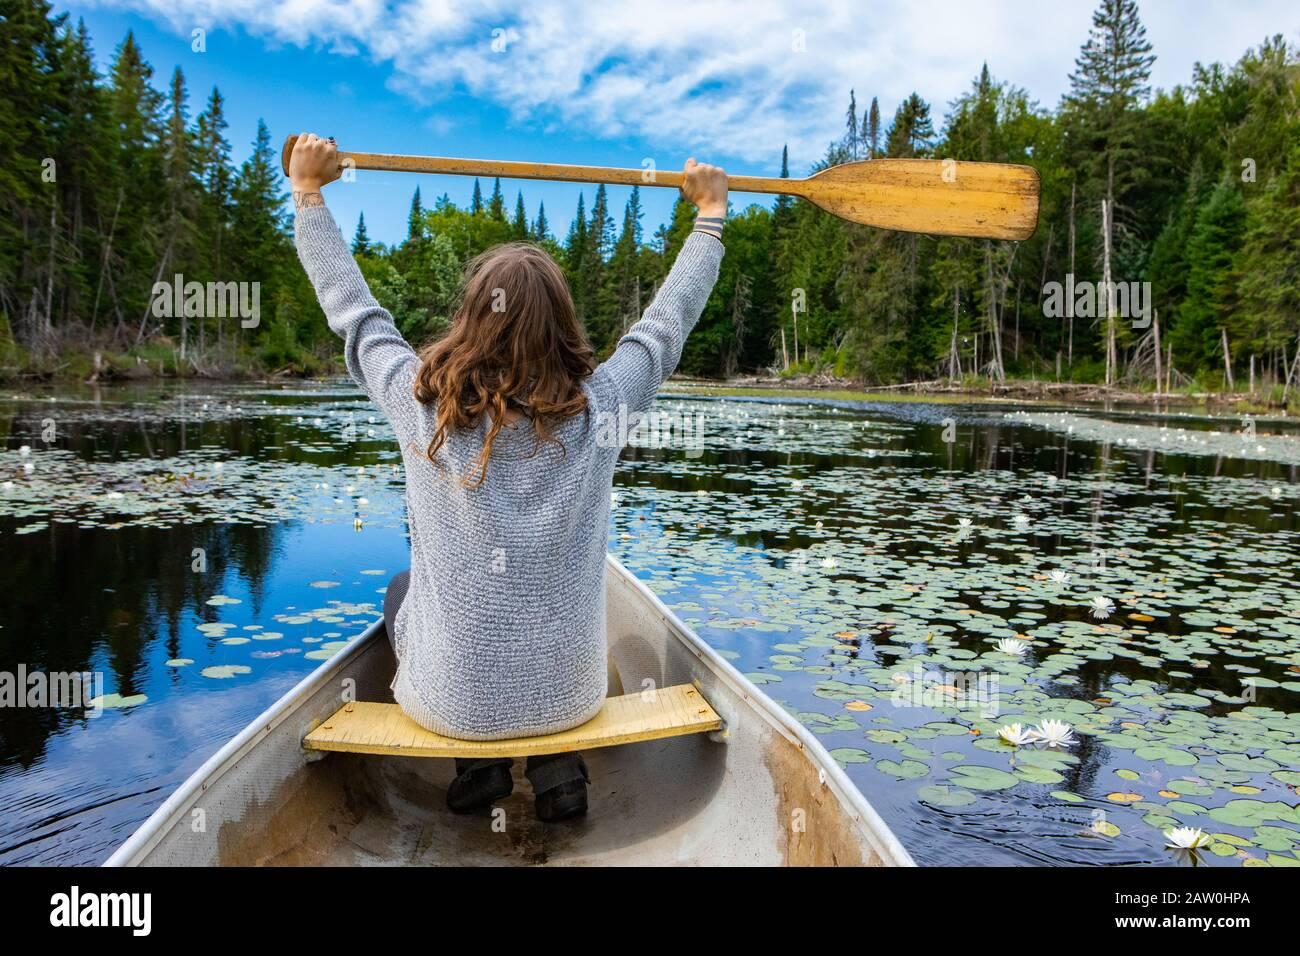 Vue arrière des jeunes touristes se sont élevés en paddle haut tout en étant assis en canoë dans le lac avec des nénuphars. Pendant le voyage dans le nord du Québec au Canada Banque D'Images